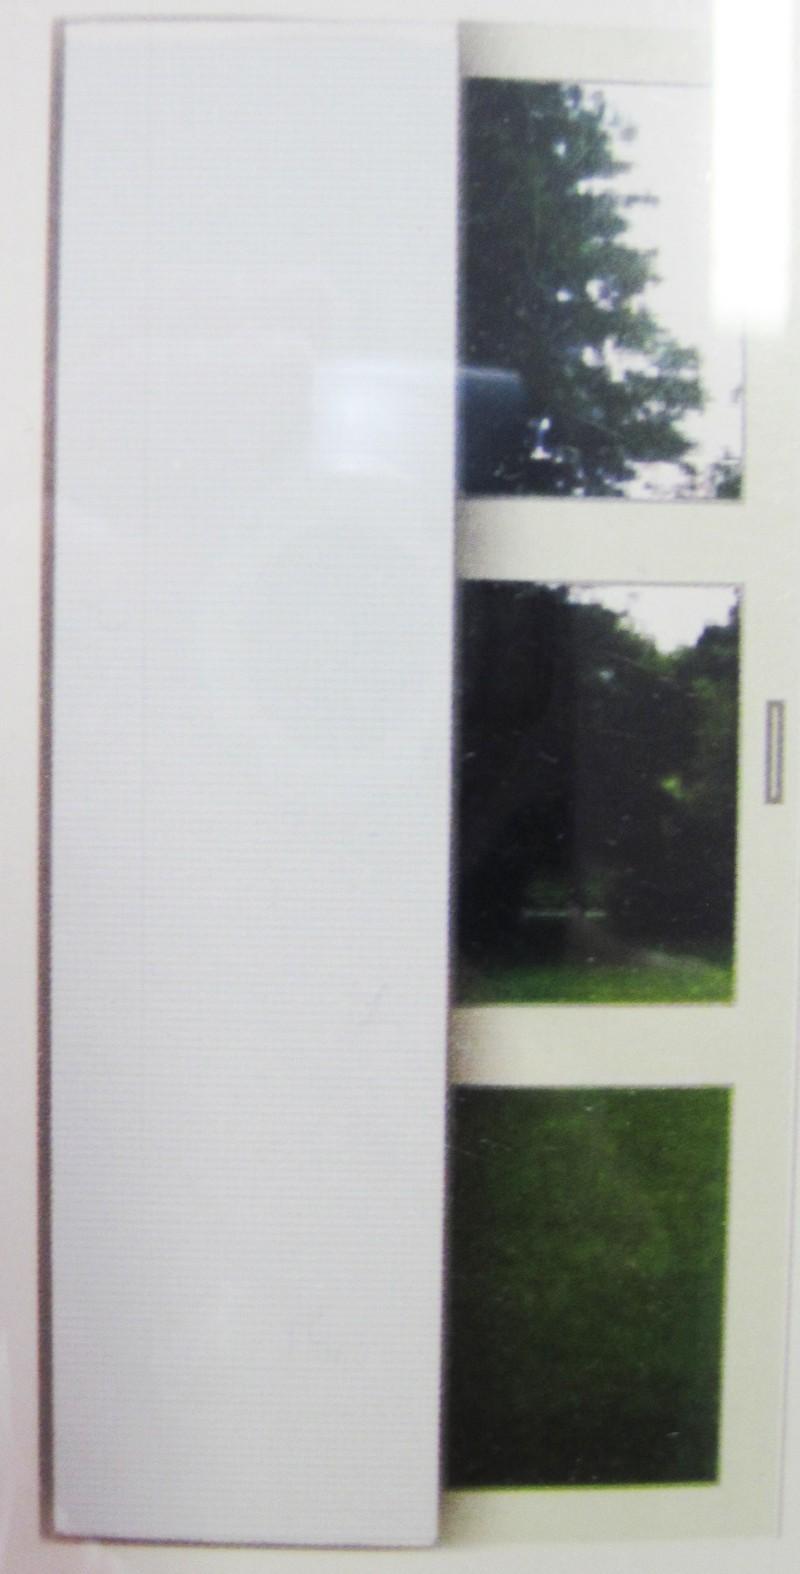 Flächenvorhang - Schiebevorhang Uni Weiß ca.60 x 245 cm, halbtransparent